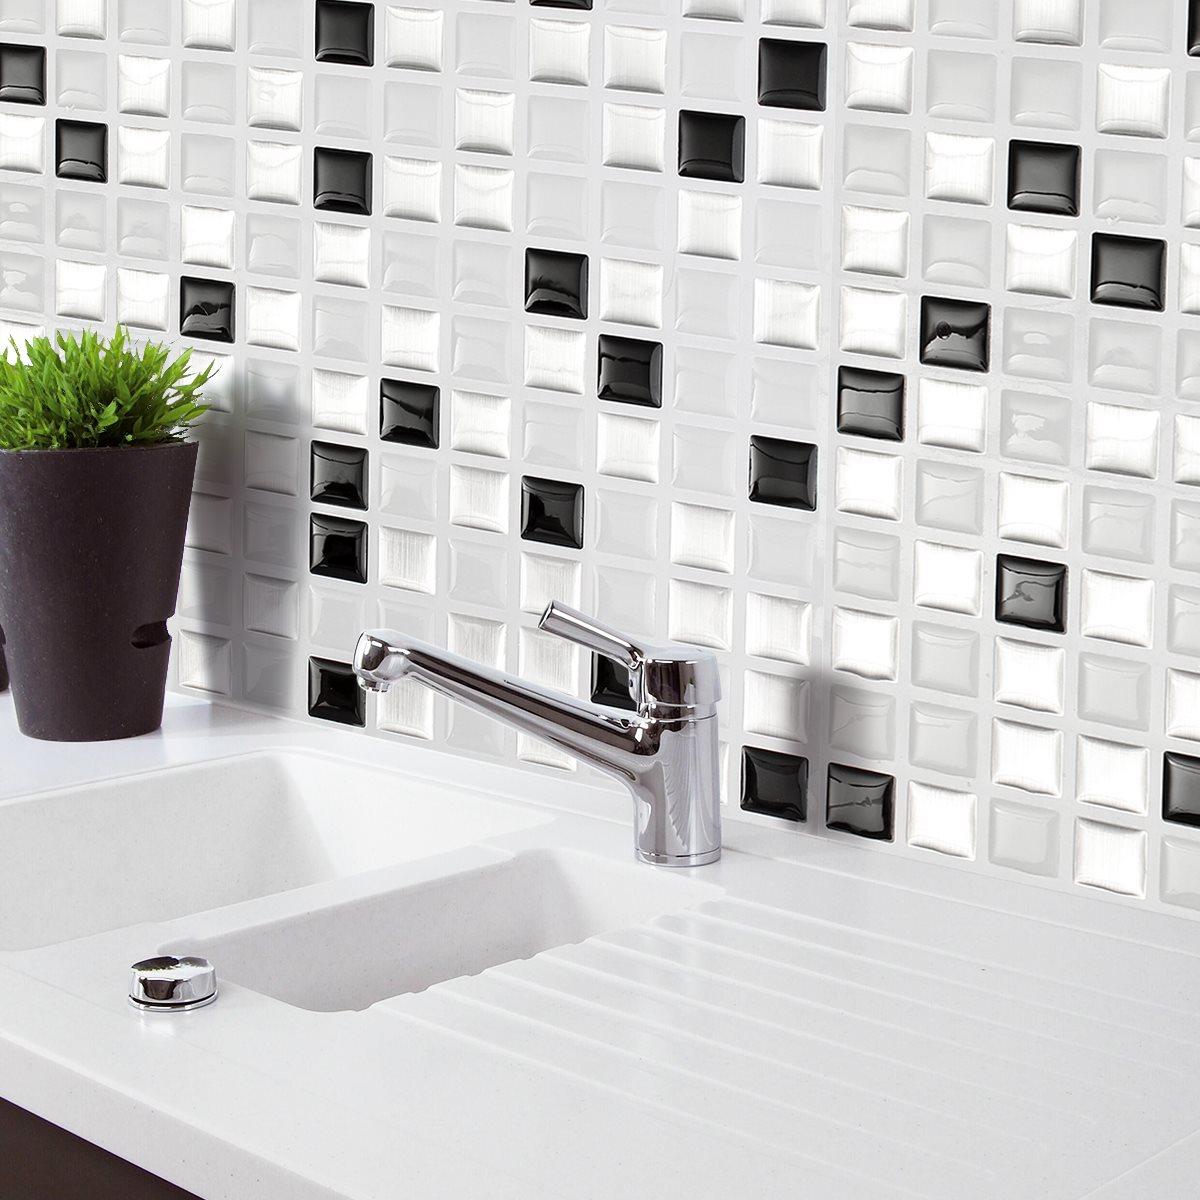 Home Decor Brick Mosaic Kitchen Bathroom Foil Beauty 3d Wallpaper Sticker Tile Decal Modern Mirror Tiles